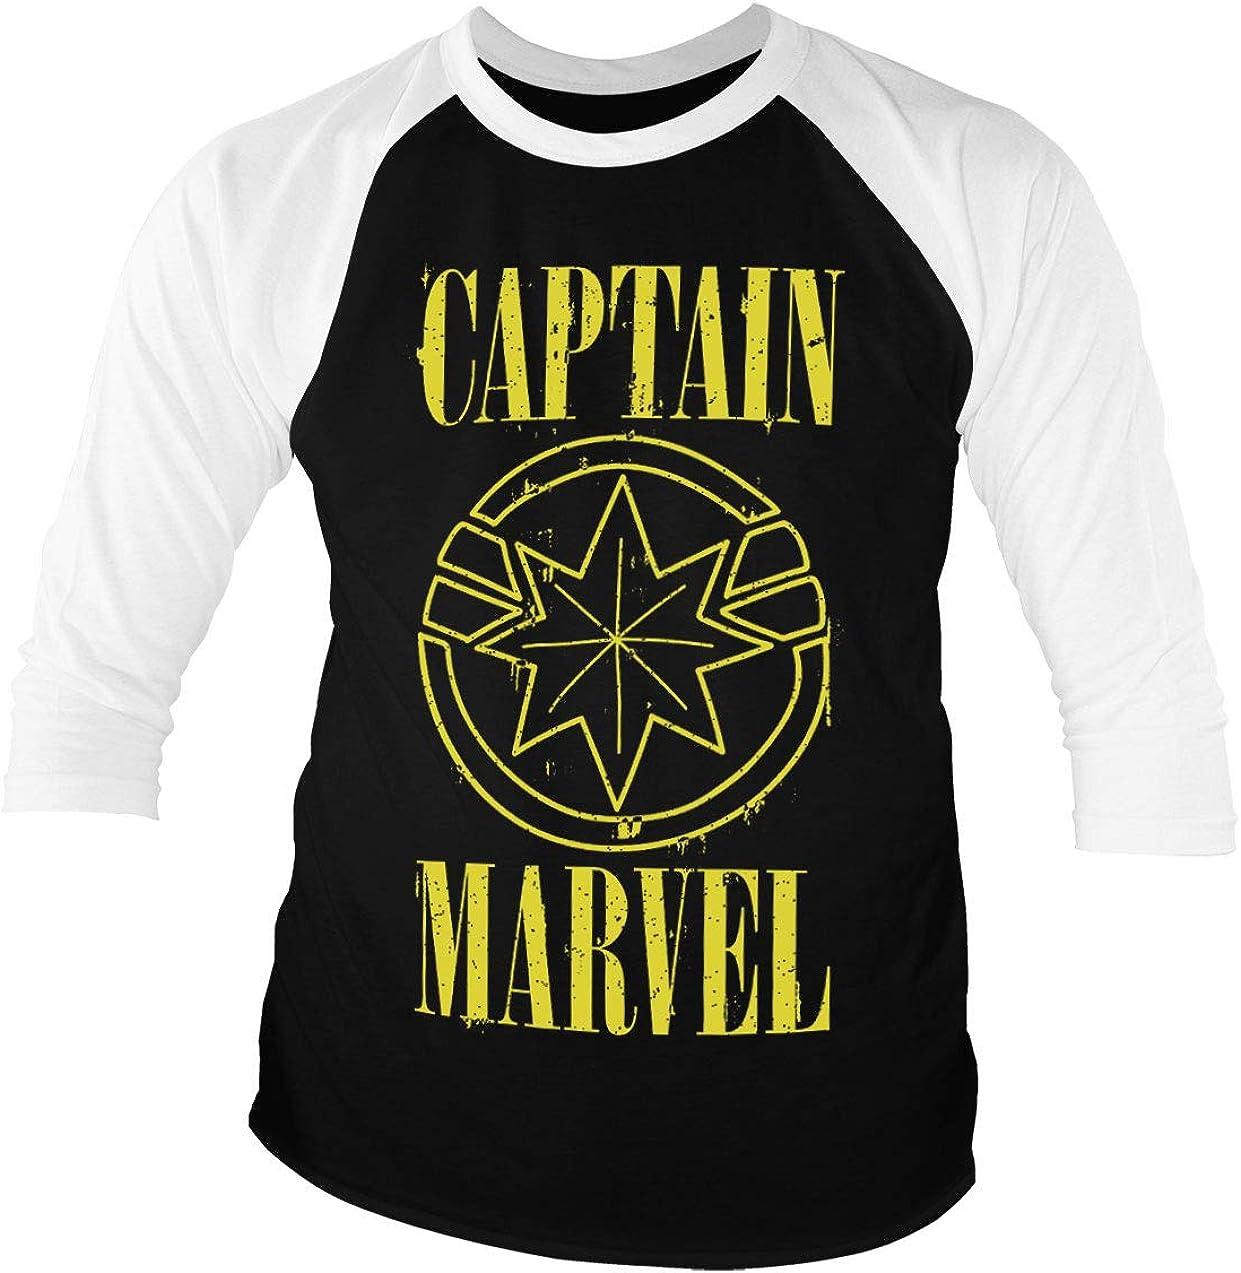 Camiseta Oficial del Capitán Marvel, Logo Grunge Amarillo de béisbol, Manga 3/4 Negro Negro (M: Amazon.es: Ropa y accesorios